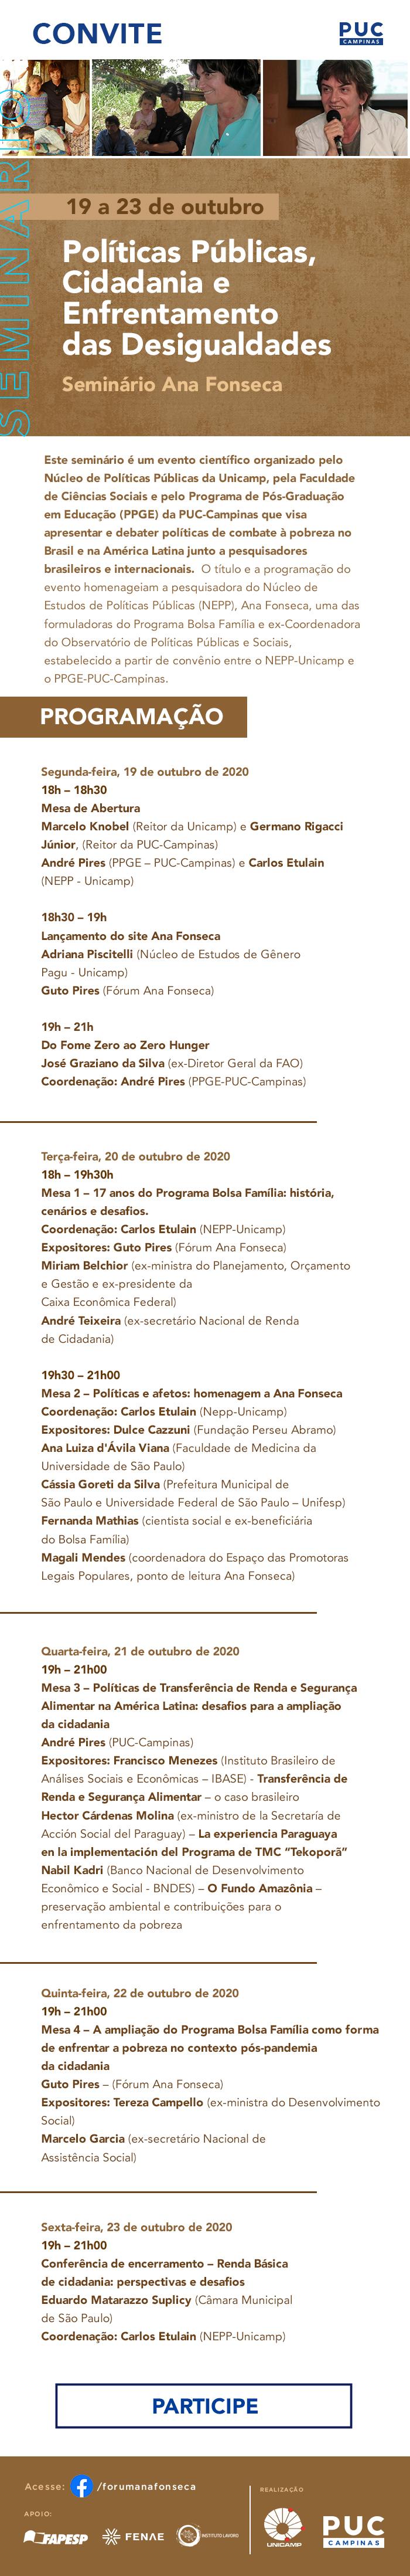 SEMINARIO_ANA_FONSECA_PROGRAMACAO